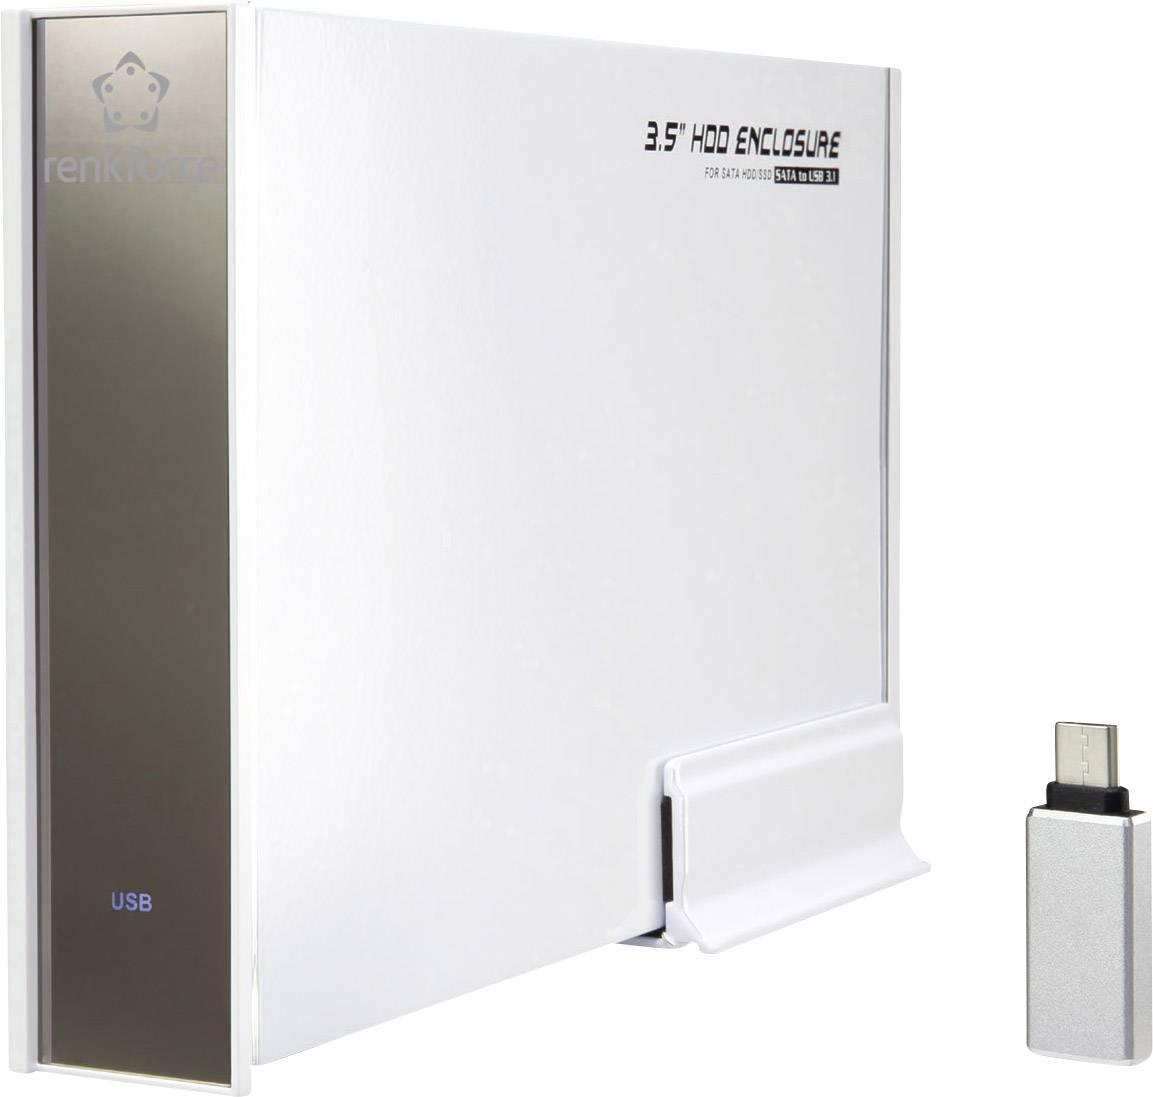 """Puzdro na pevný disk SATA 3.5 """" Renkforce RF-4315122, USB 3.1"""